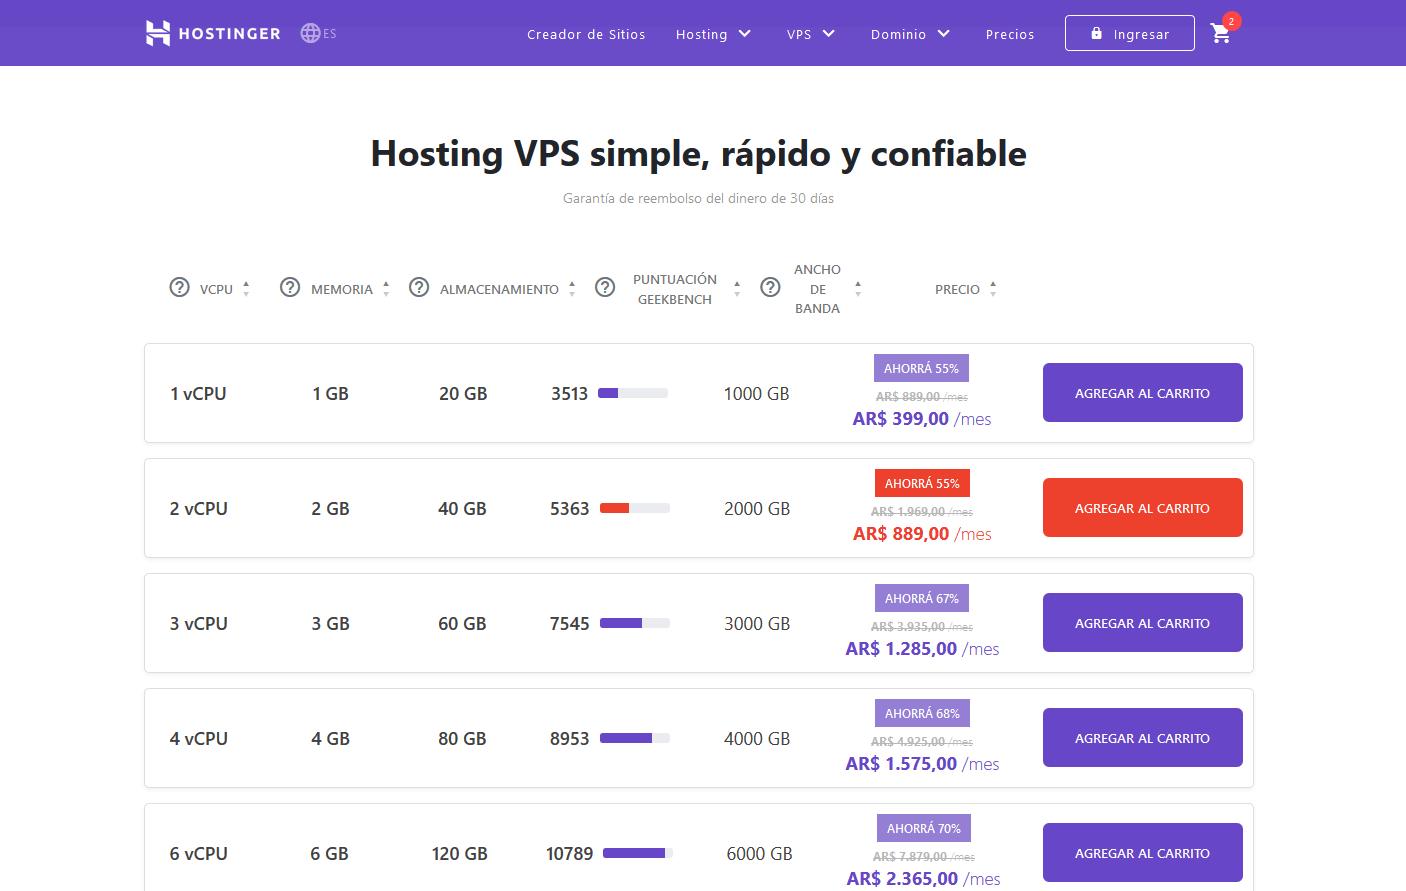 cupón hostinger argentina - cupones hostinger argentina descuentos - Hosting Argentina Rápido y Potente